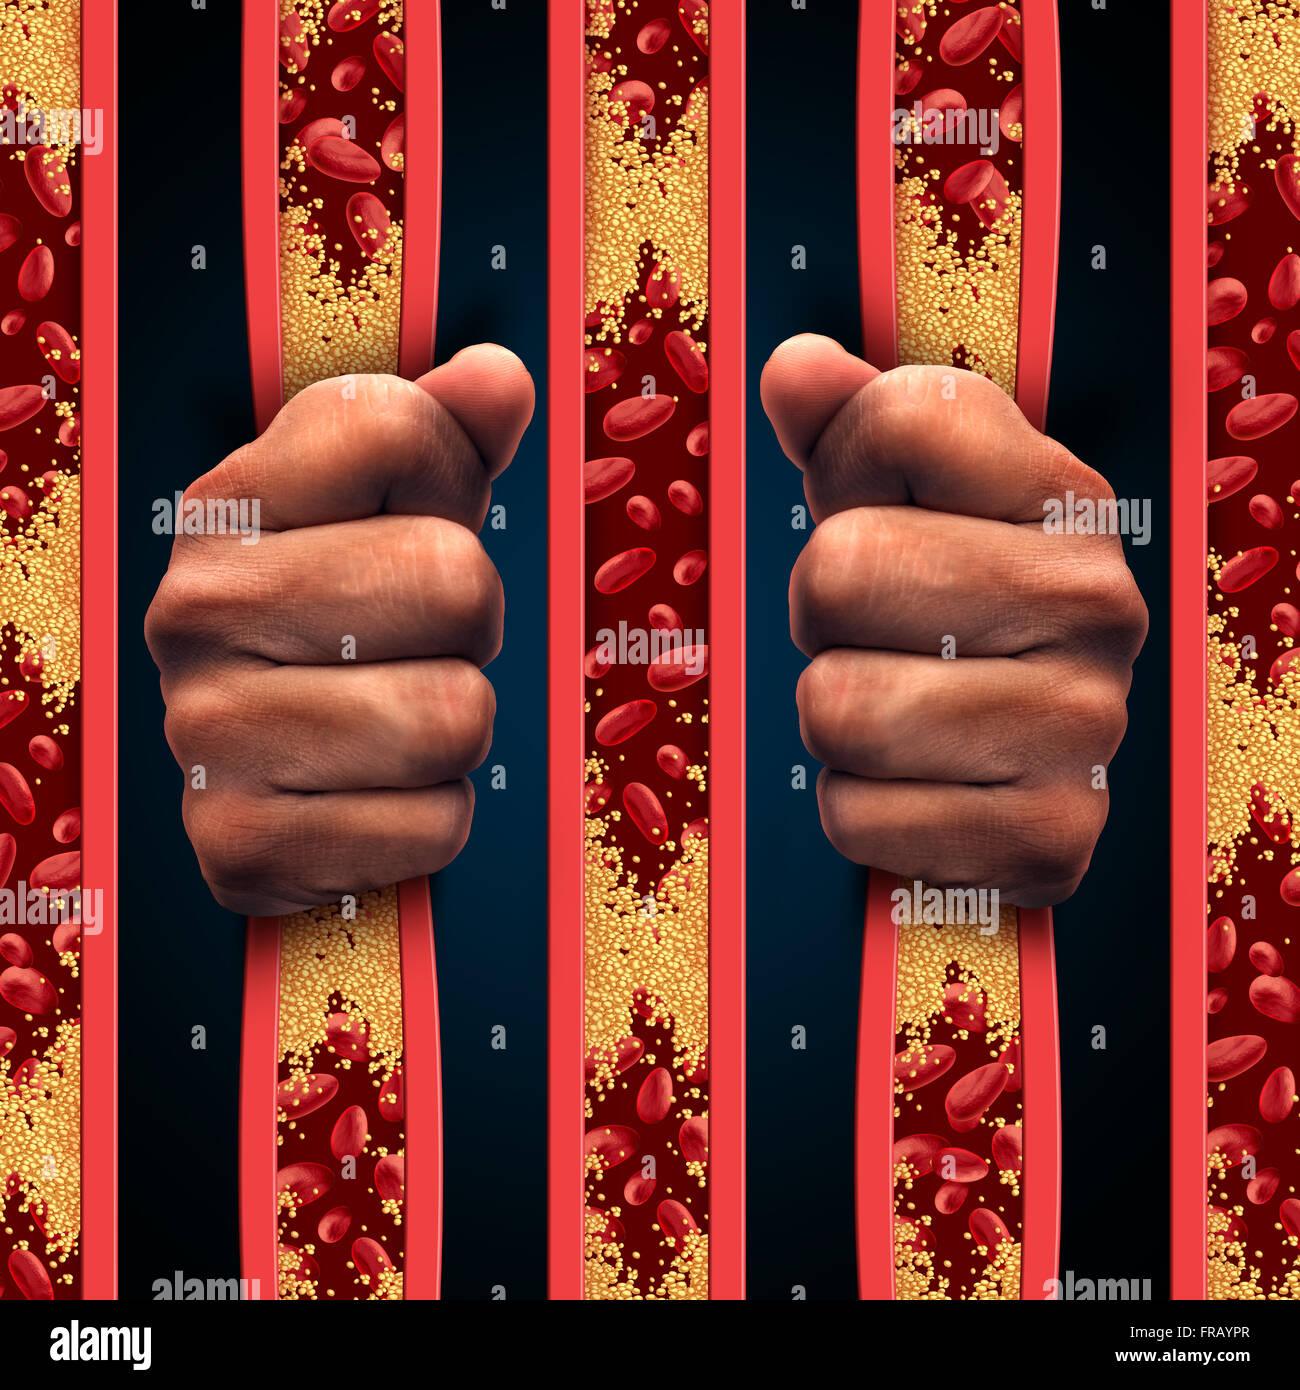 Restringido por colesterol como una persona detrás de los barrotes de la cárcel de la arteria obstruida y la aterosclerosis Foto de stock